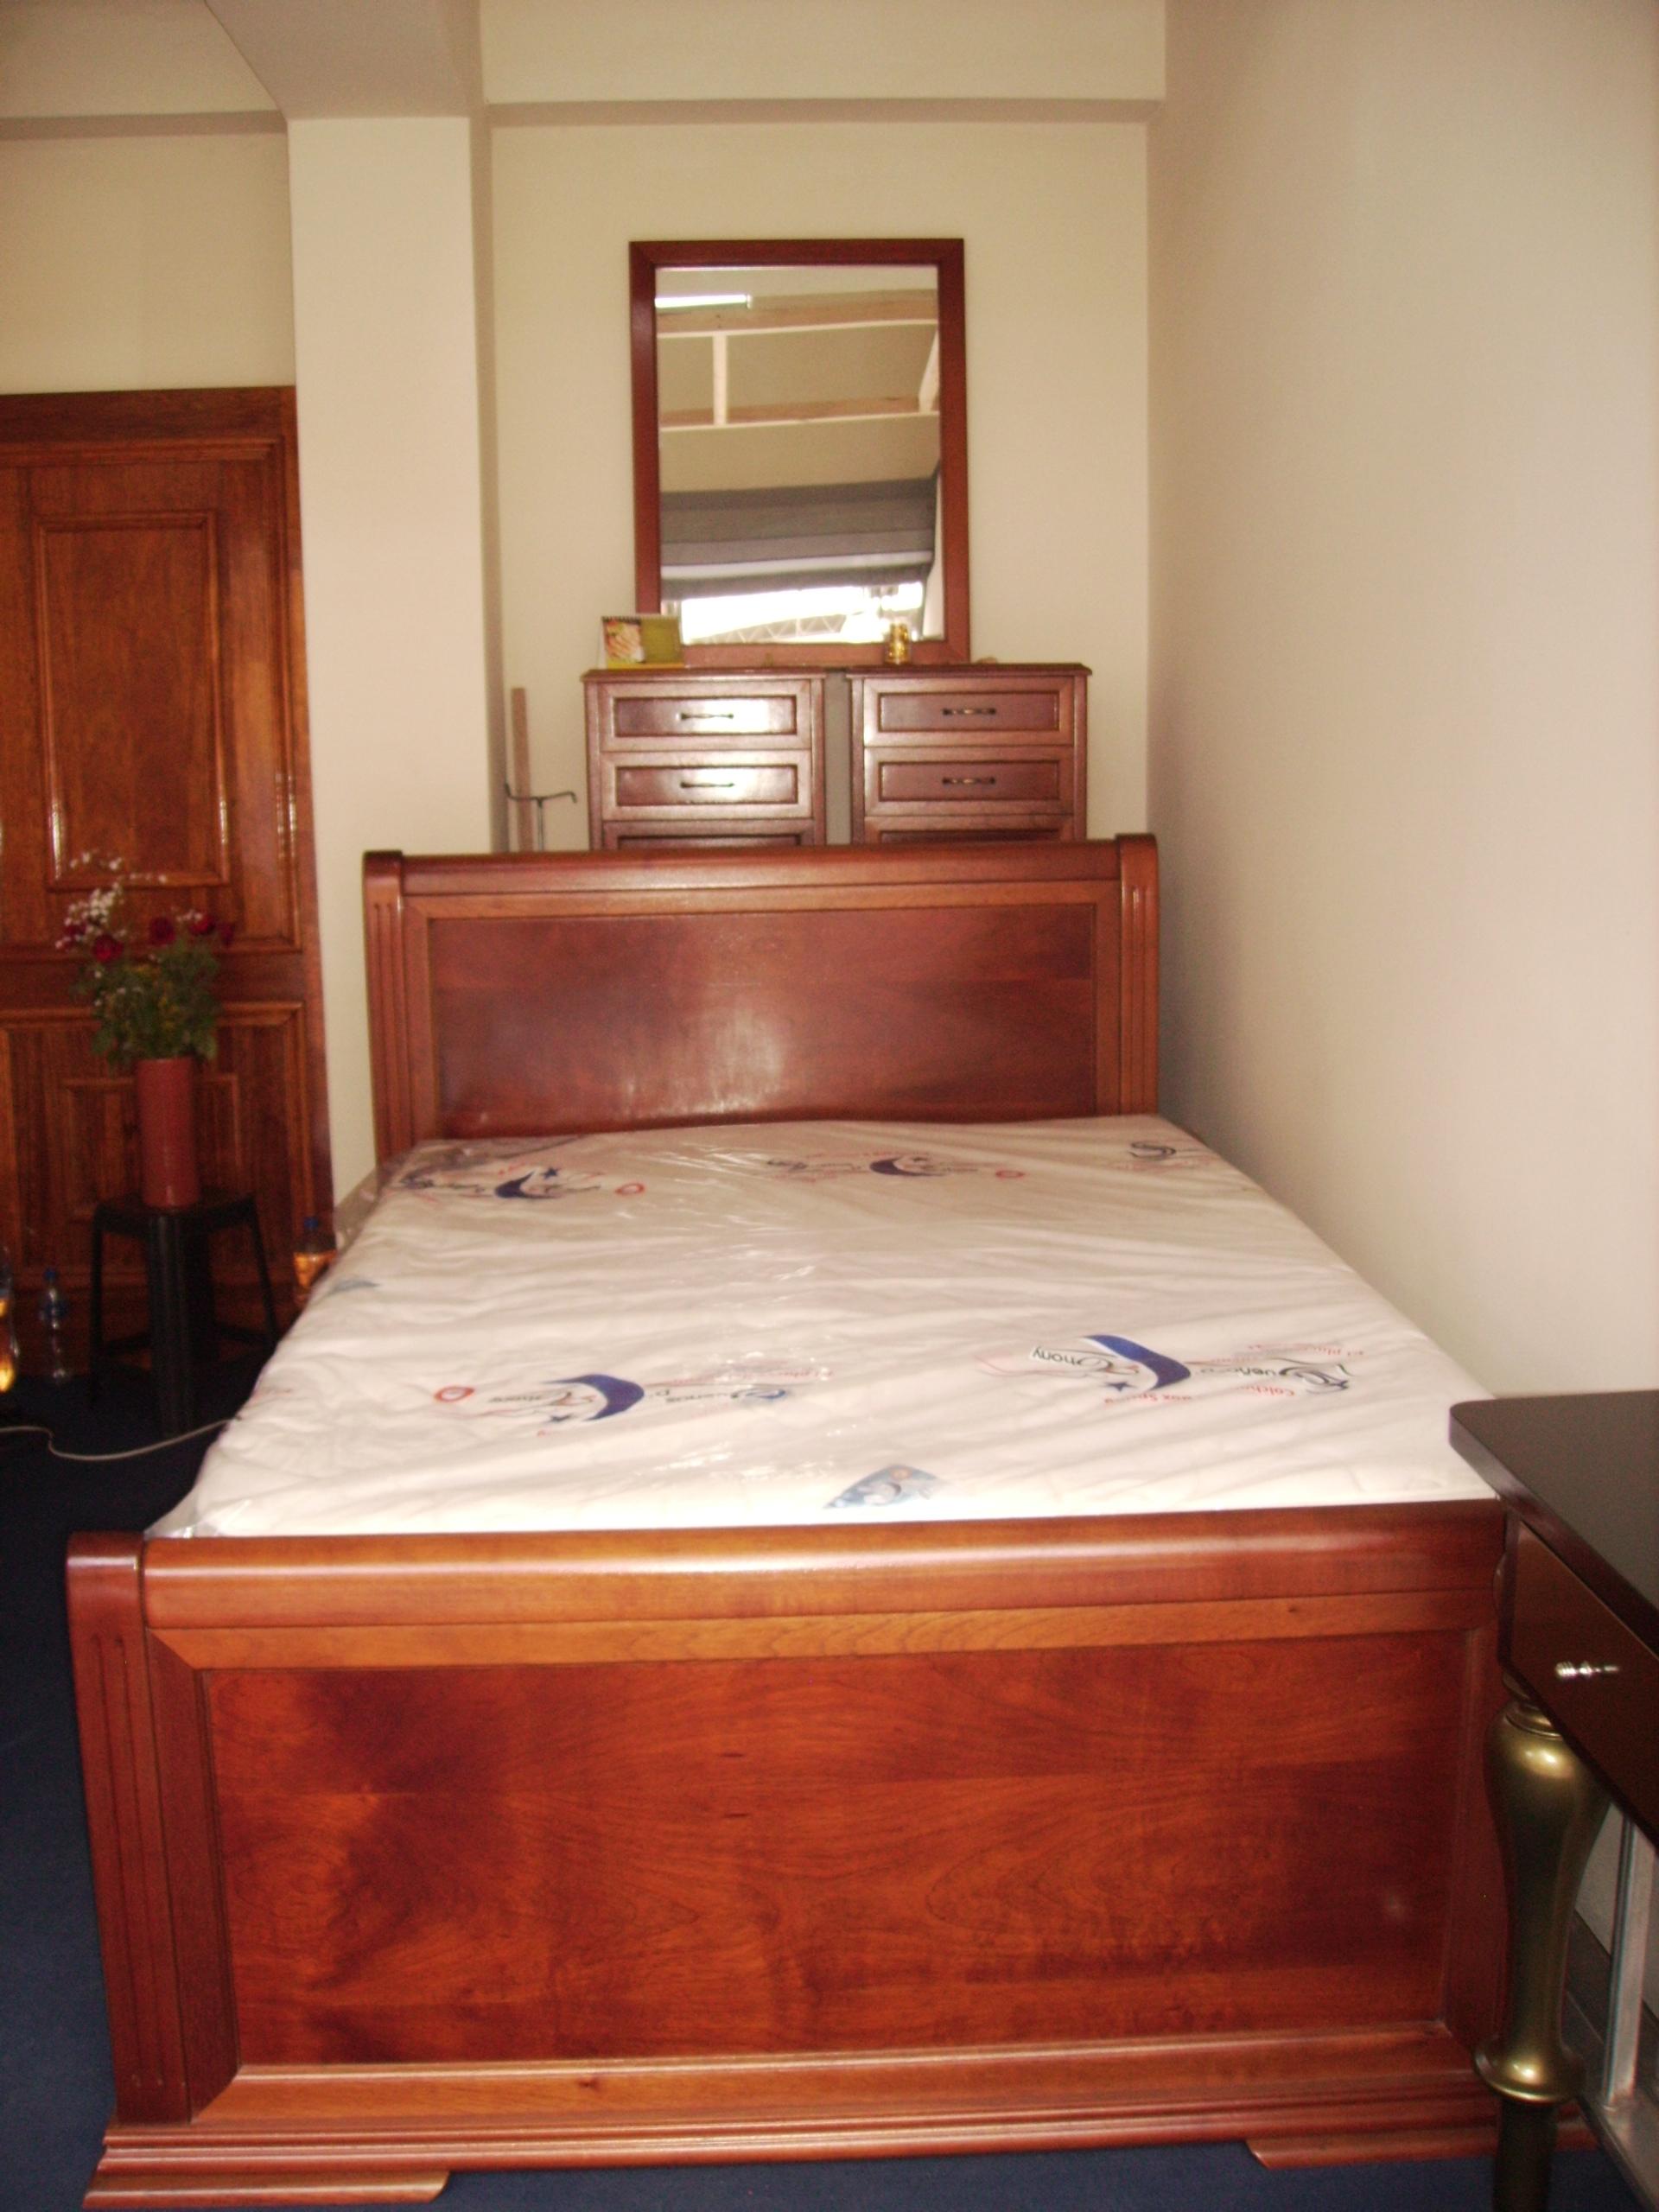 Juego de dormitorio de 2 plazas en madera de cedro - Dormitorio de madera ...